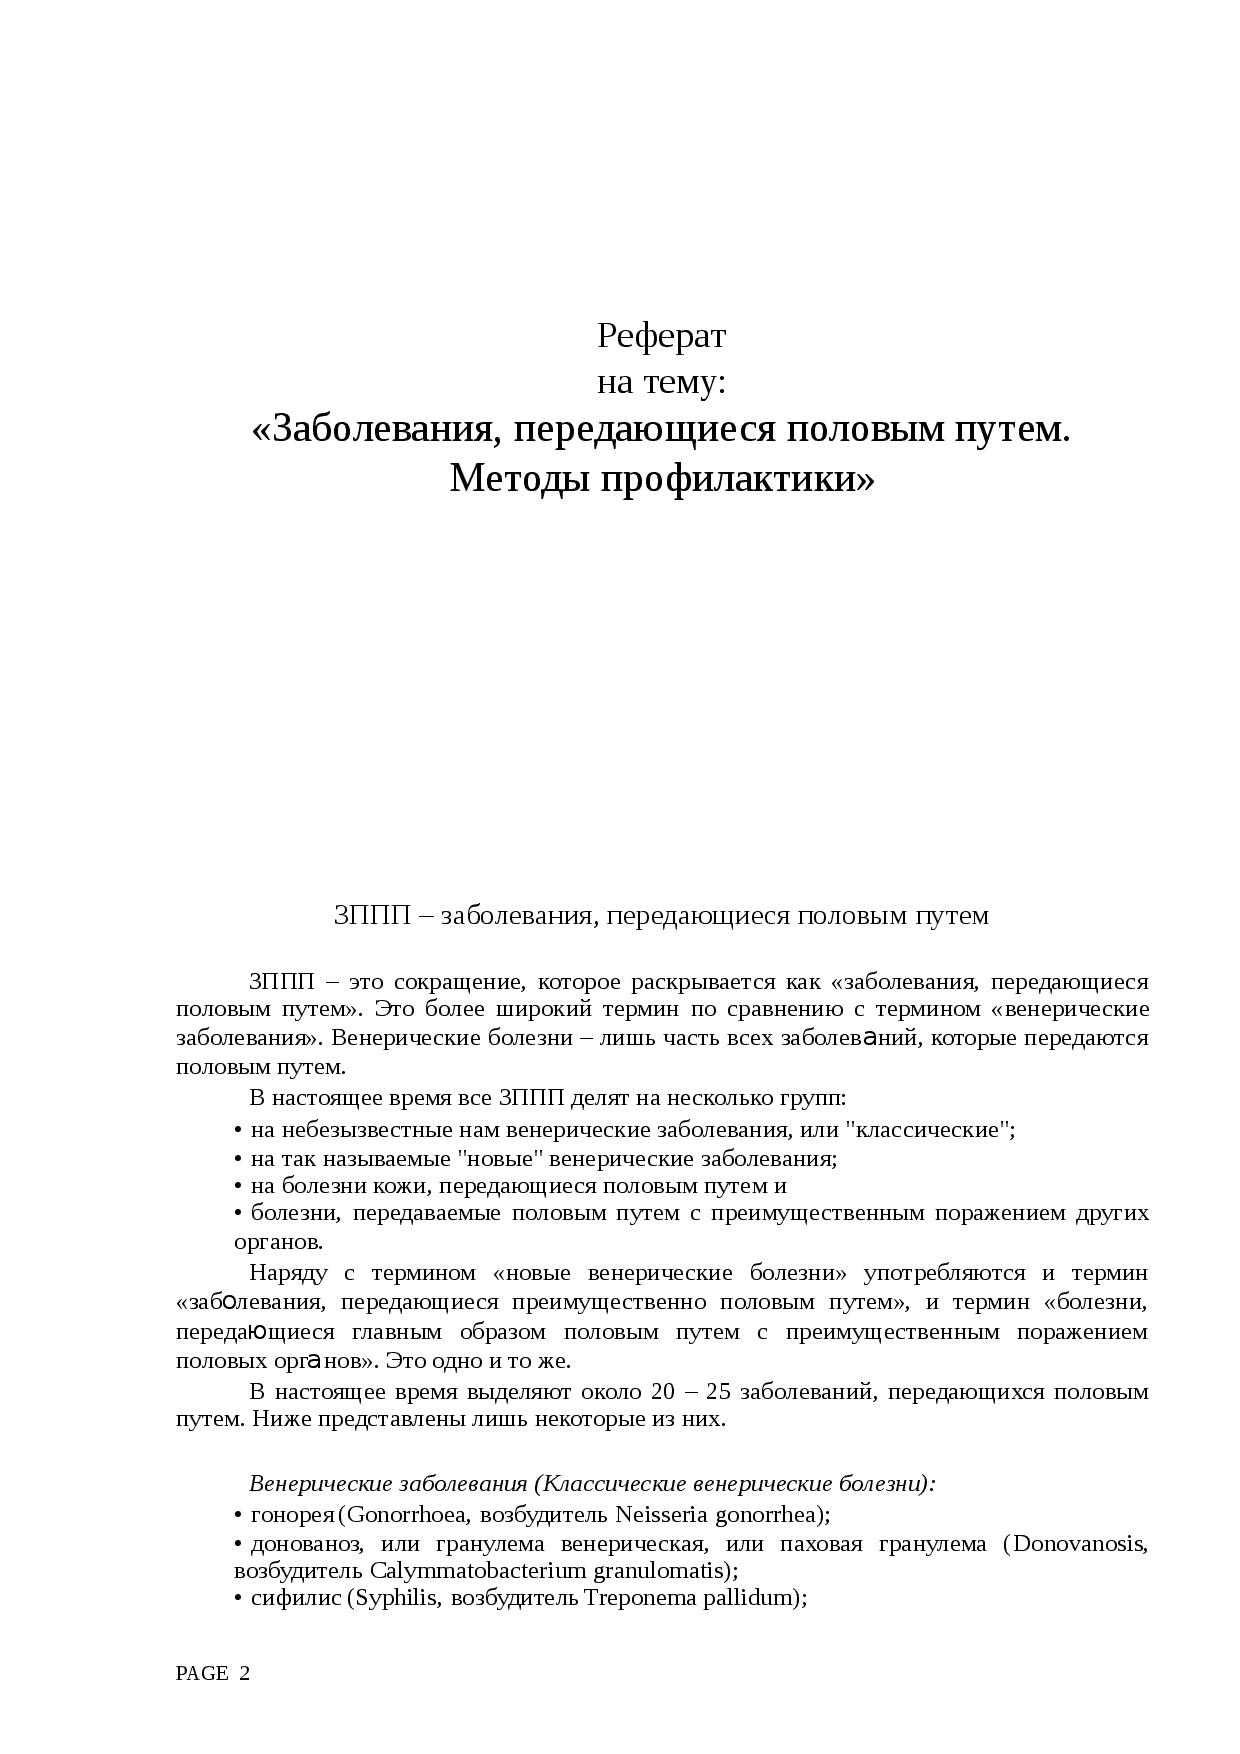 Признаки развития венерического лимфогранулематоза